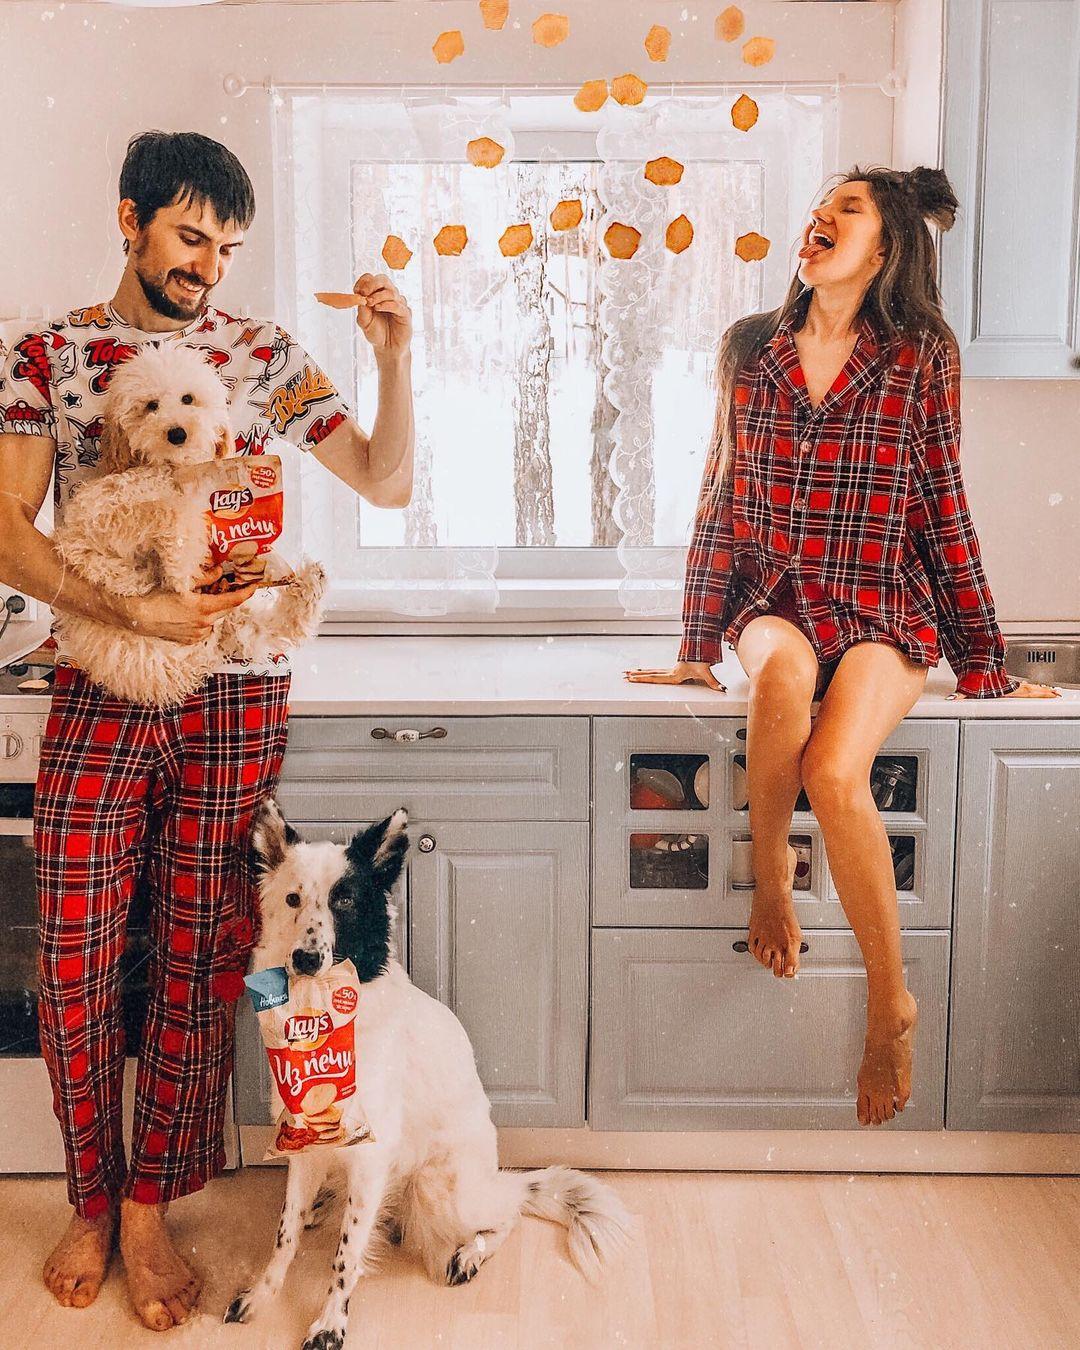 Муж зверски расправился со своей женой, популярным блогером Кристиной Журавлёвой